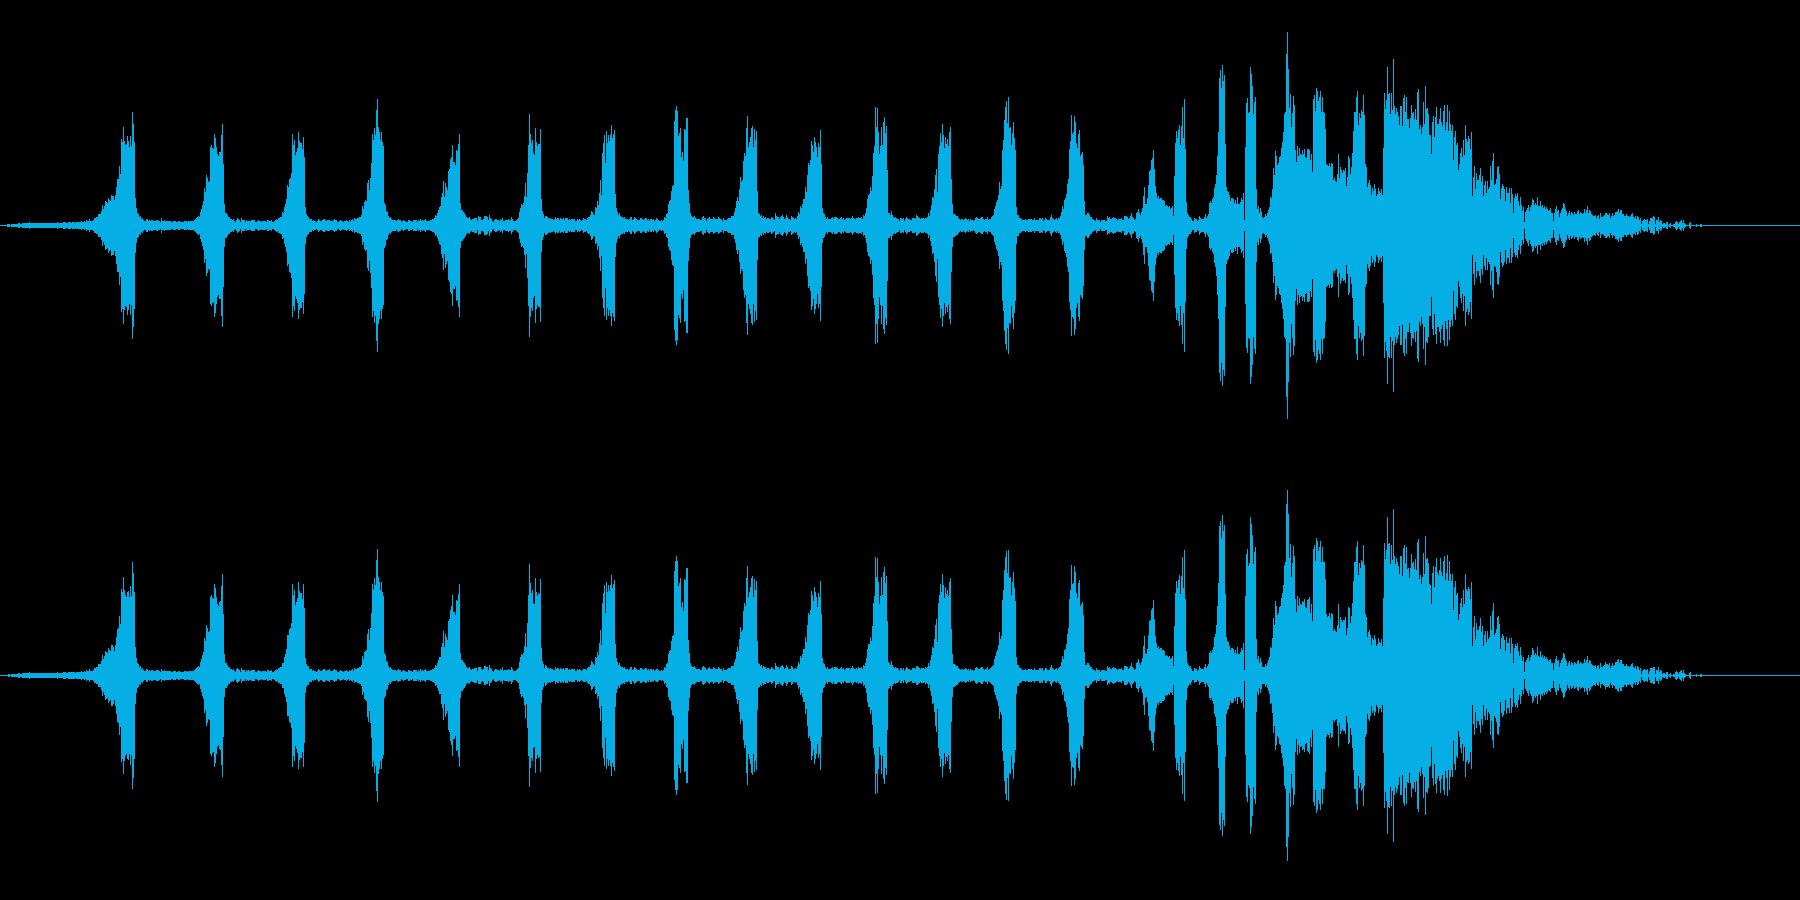 セミ(ツクツクボウシ)の鳴き声_その2の再生済みの波形